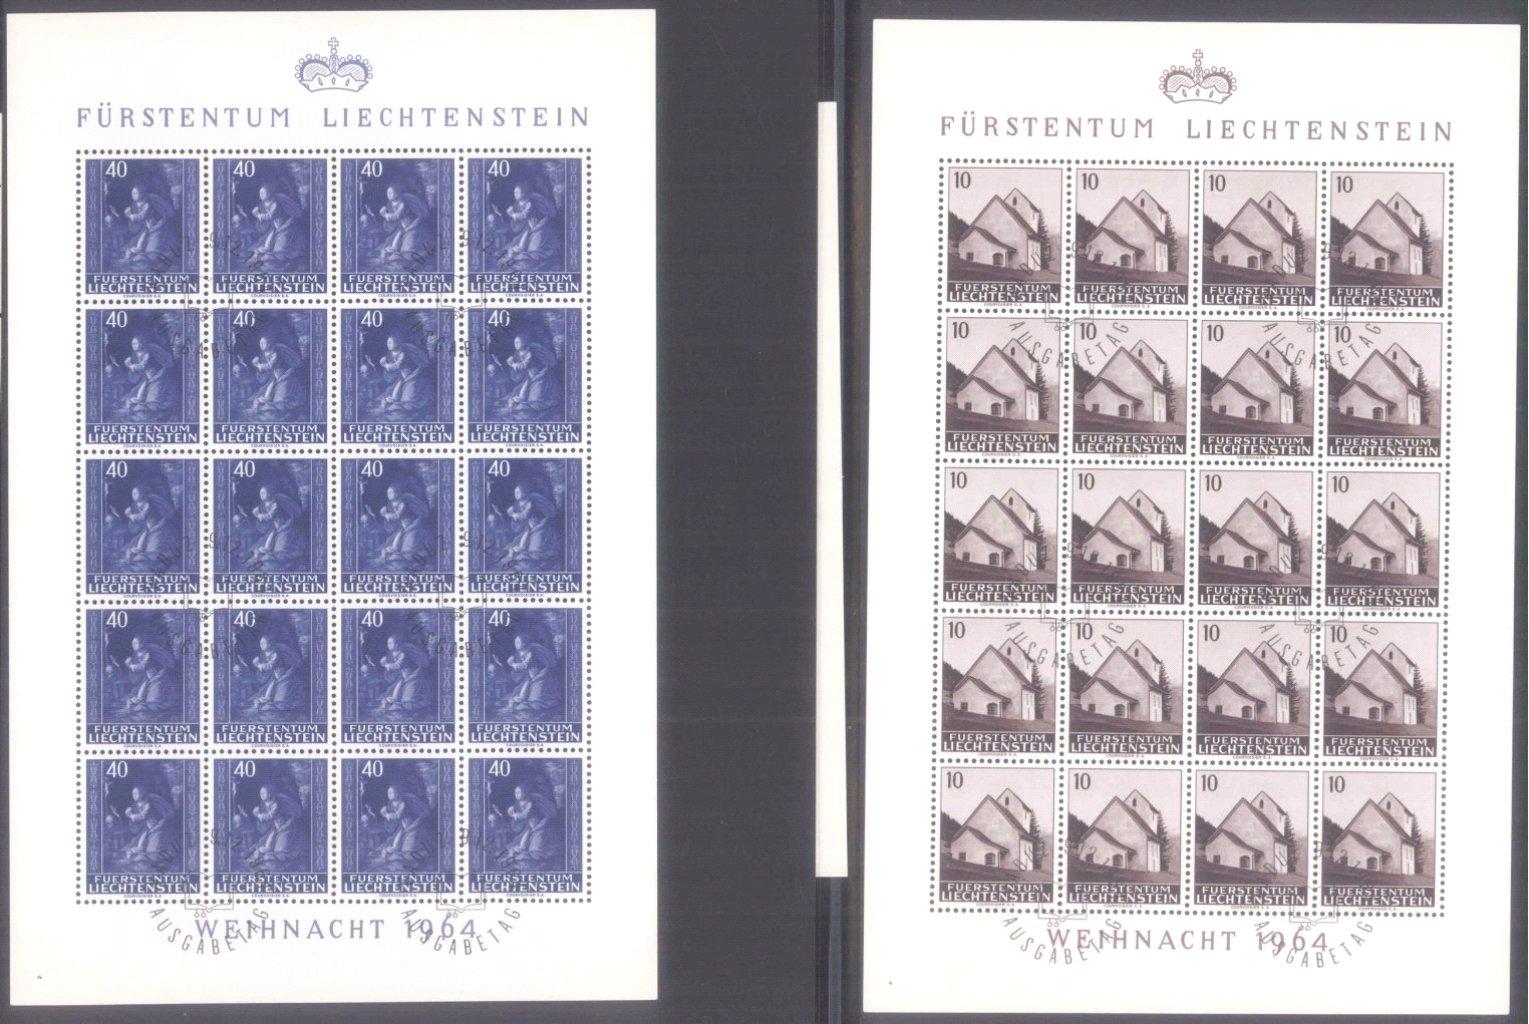 Fürstentum Liechtenstein Bögen 1962-1993-1